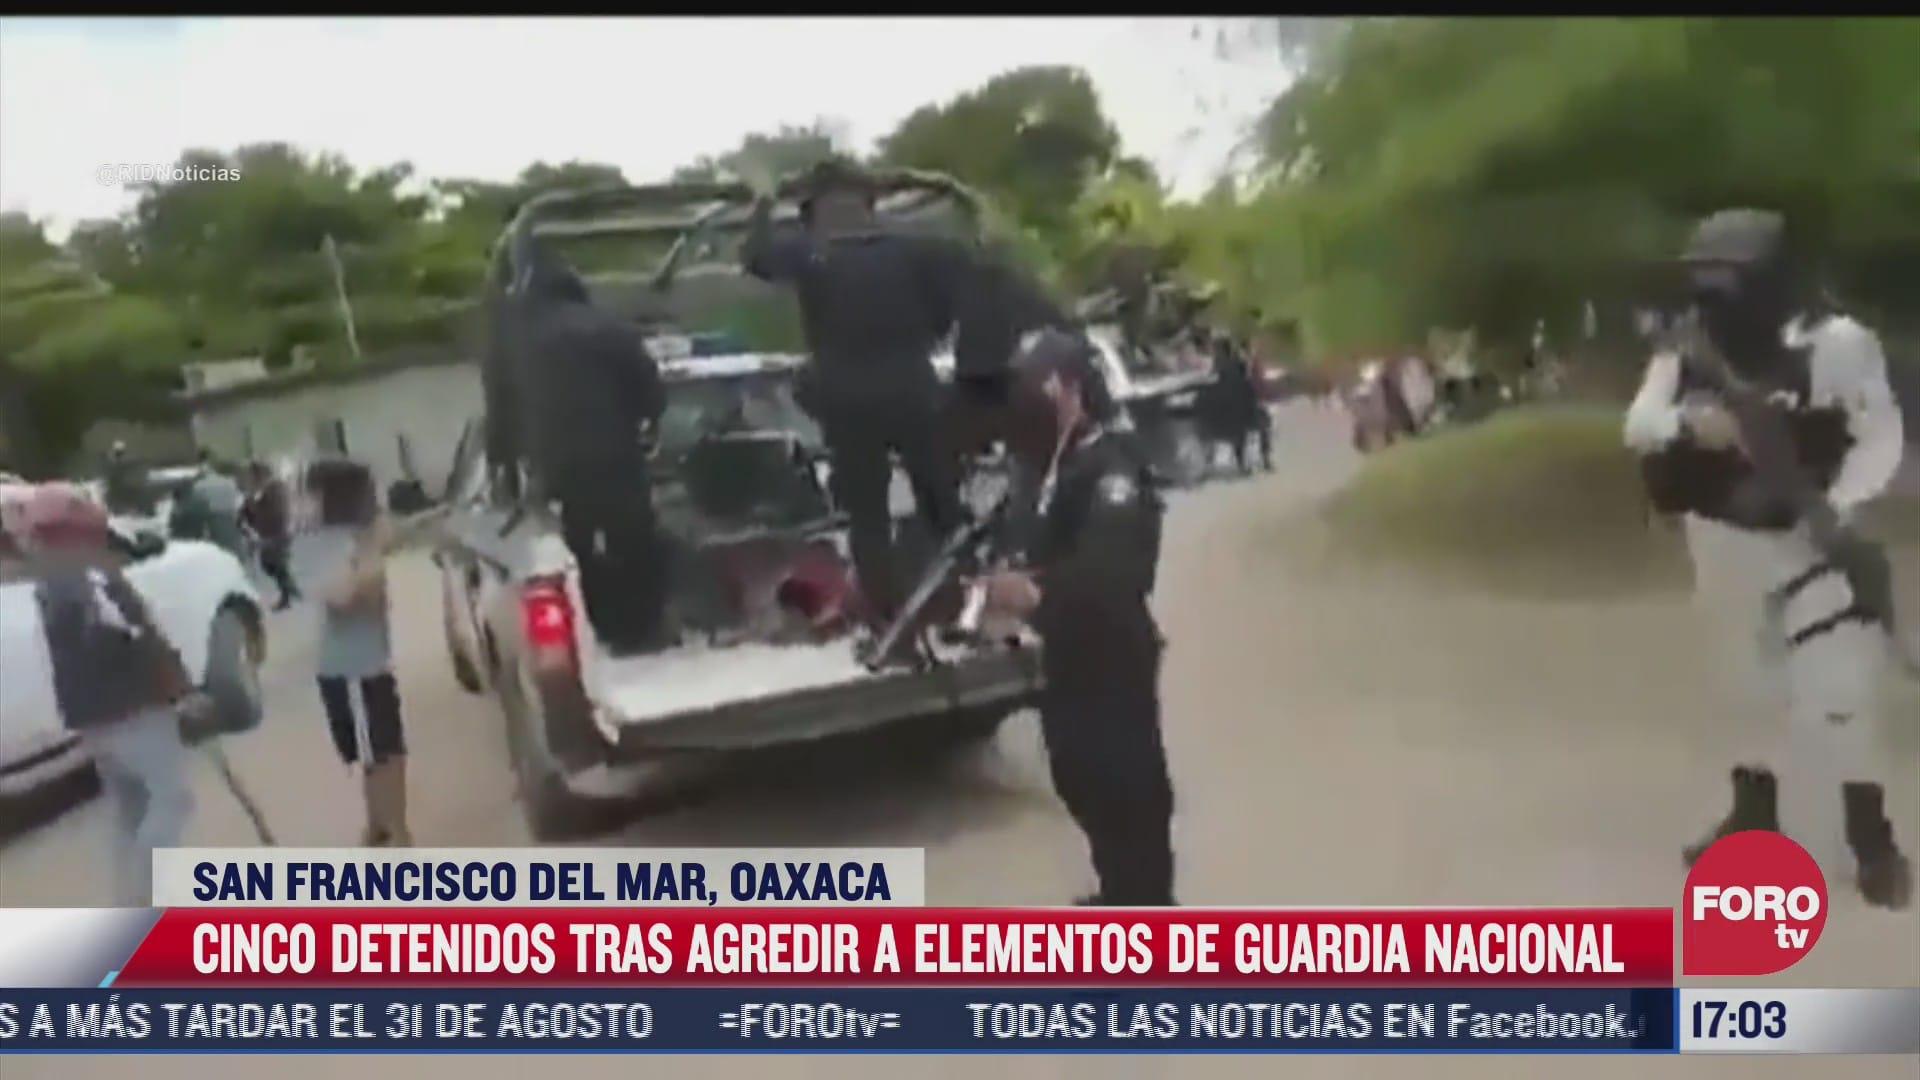 pobladores agreden a miembros de la gn para impedir arresto en oaxaca